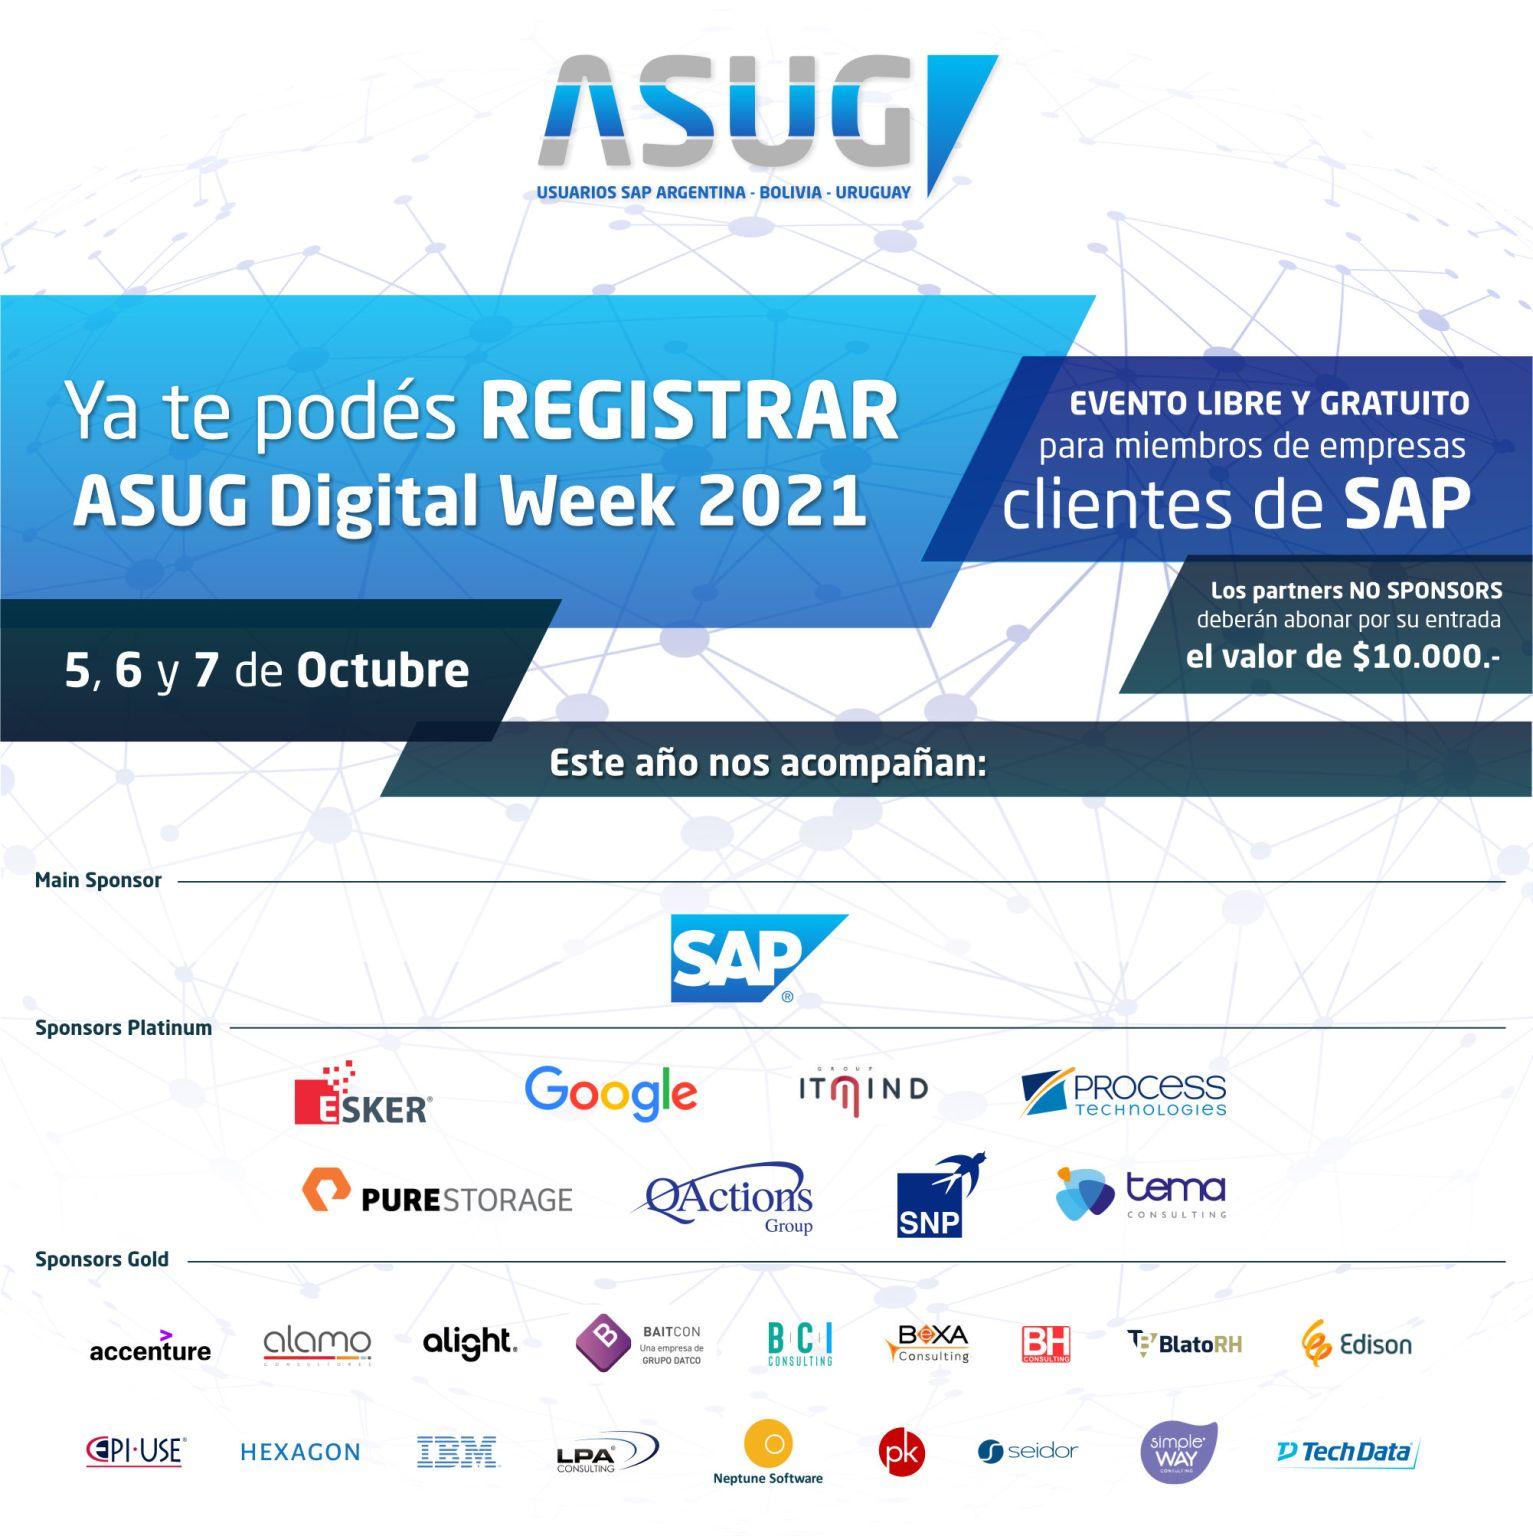 ASUG Digital Week 2021